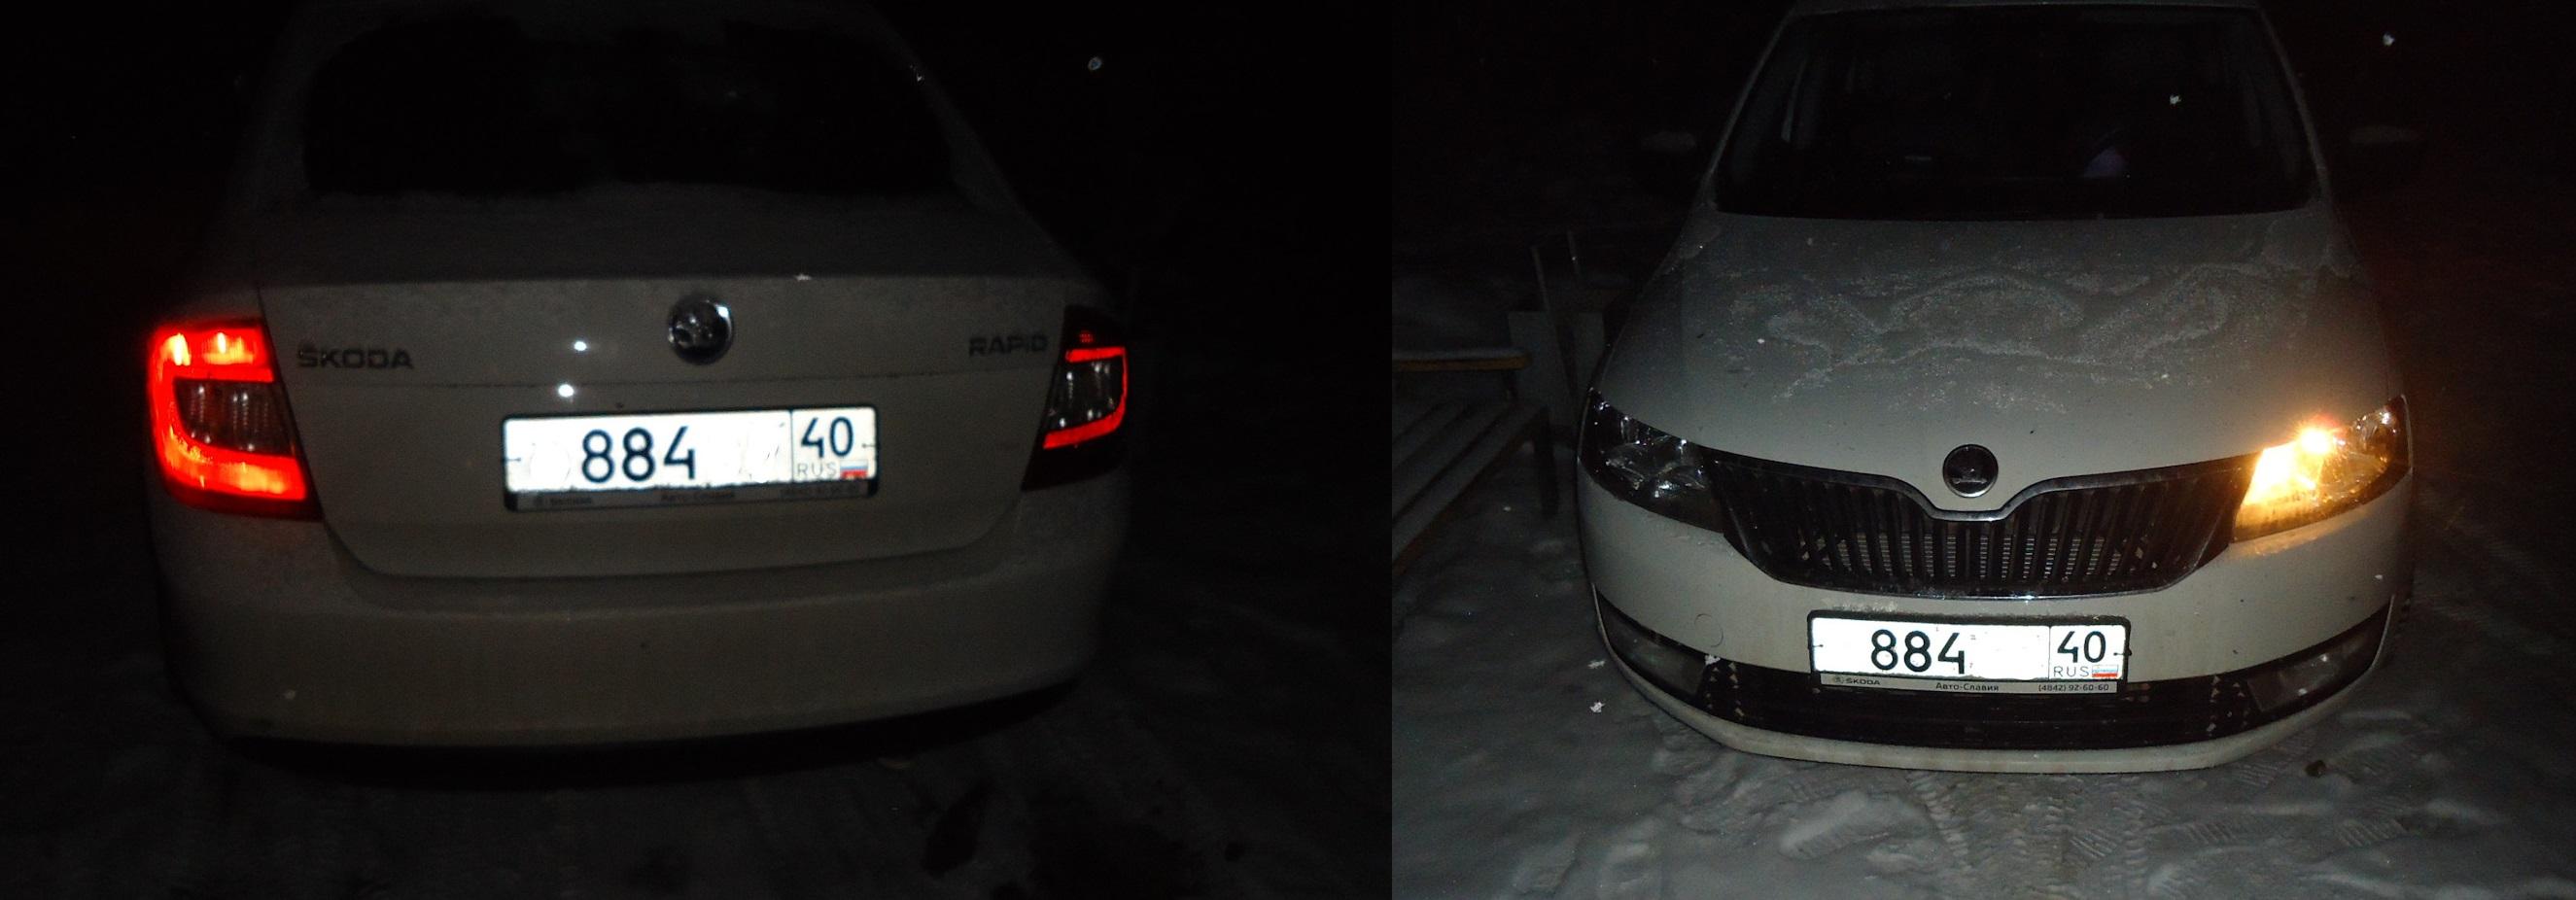 Стояночные огни на автомобиле Skoda Rapid с левой стороны